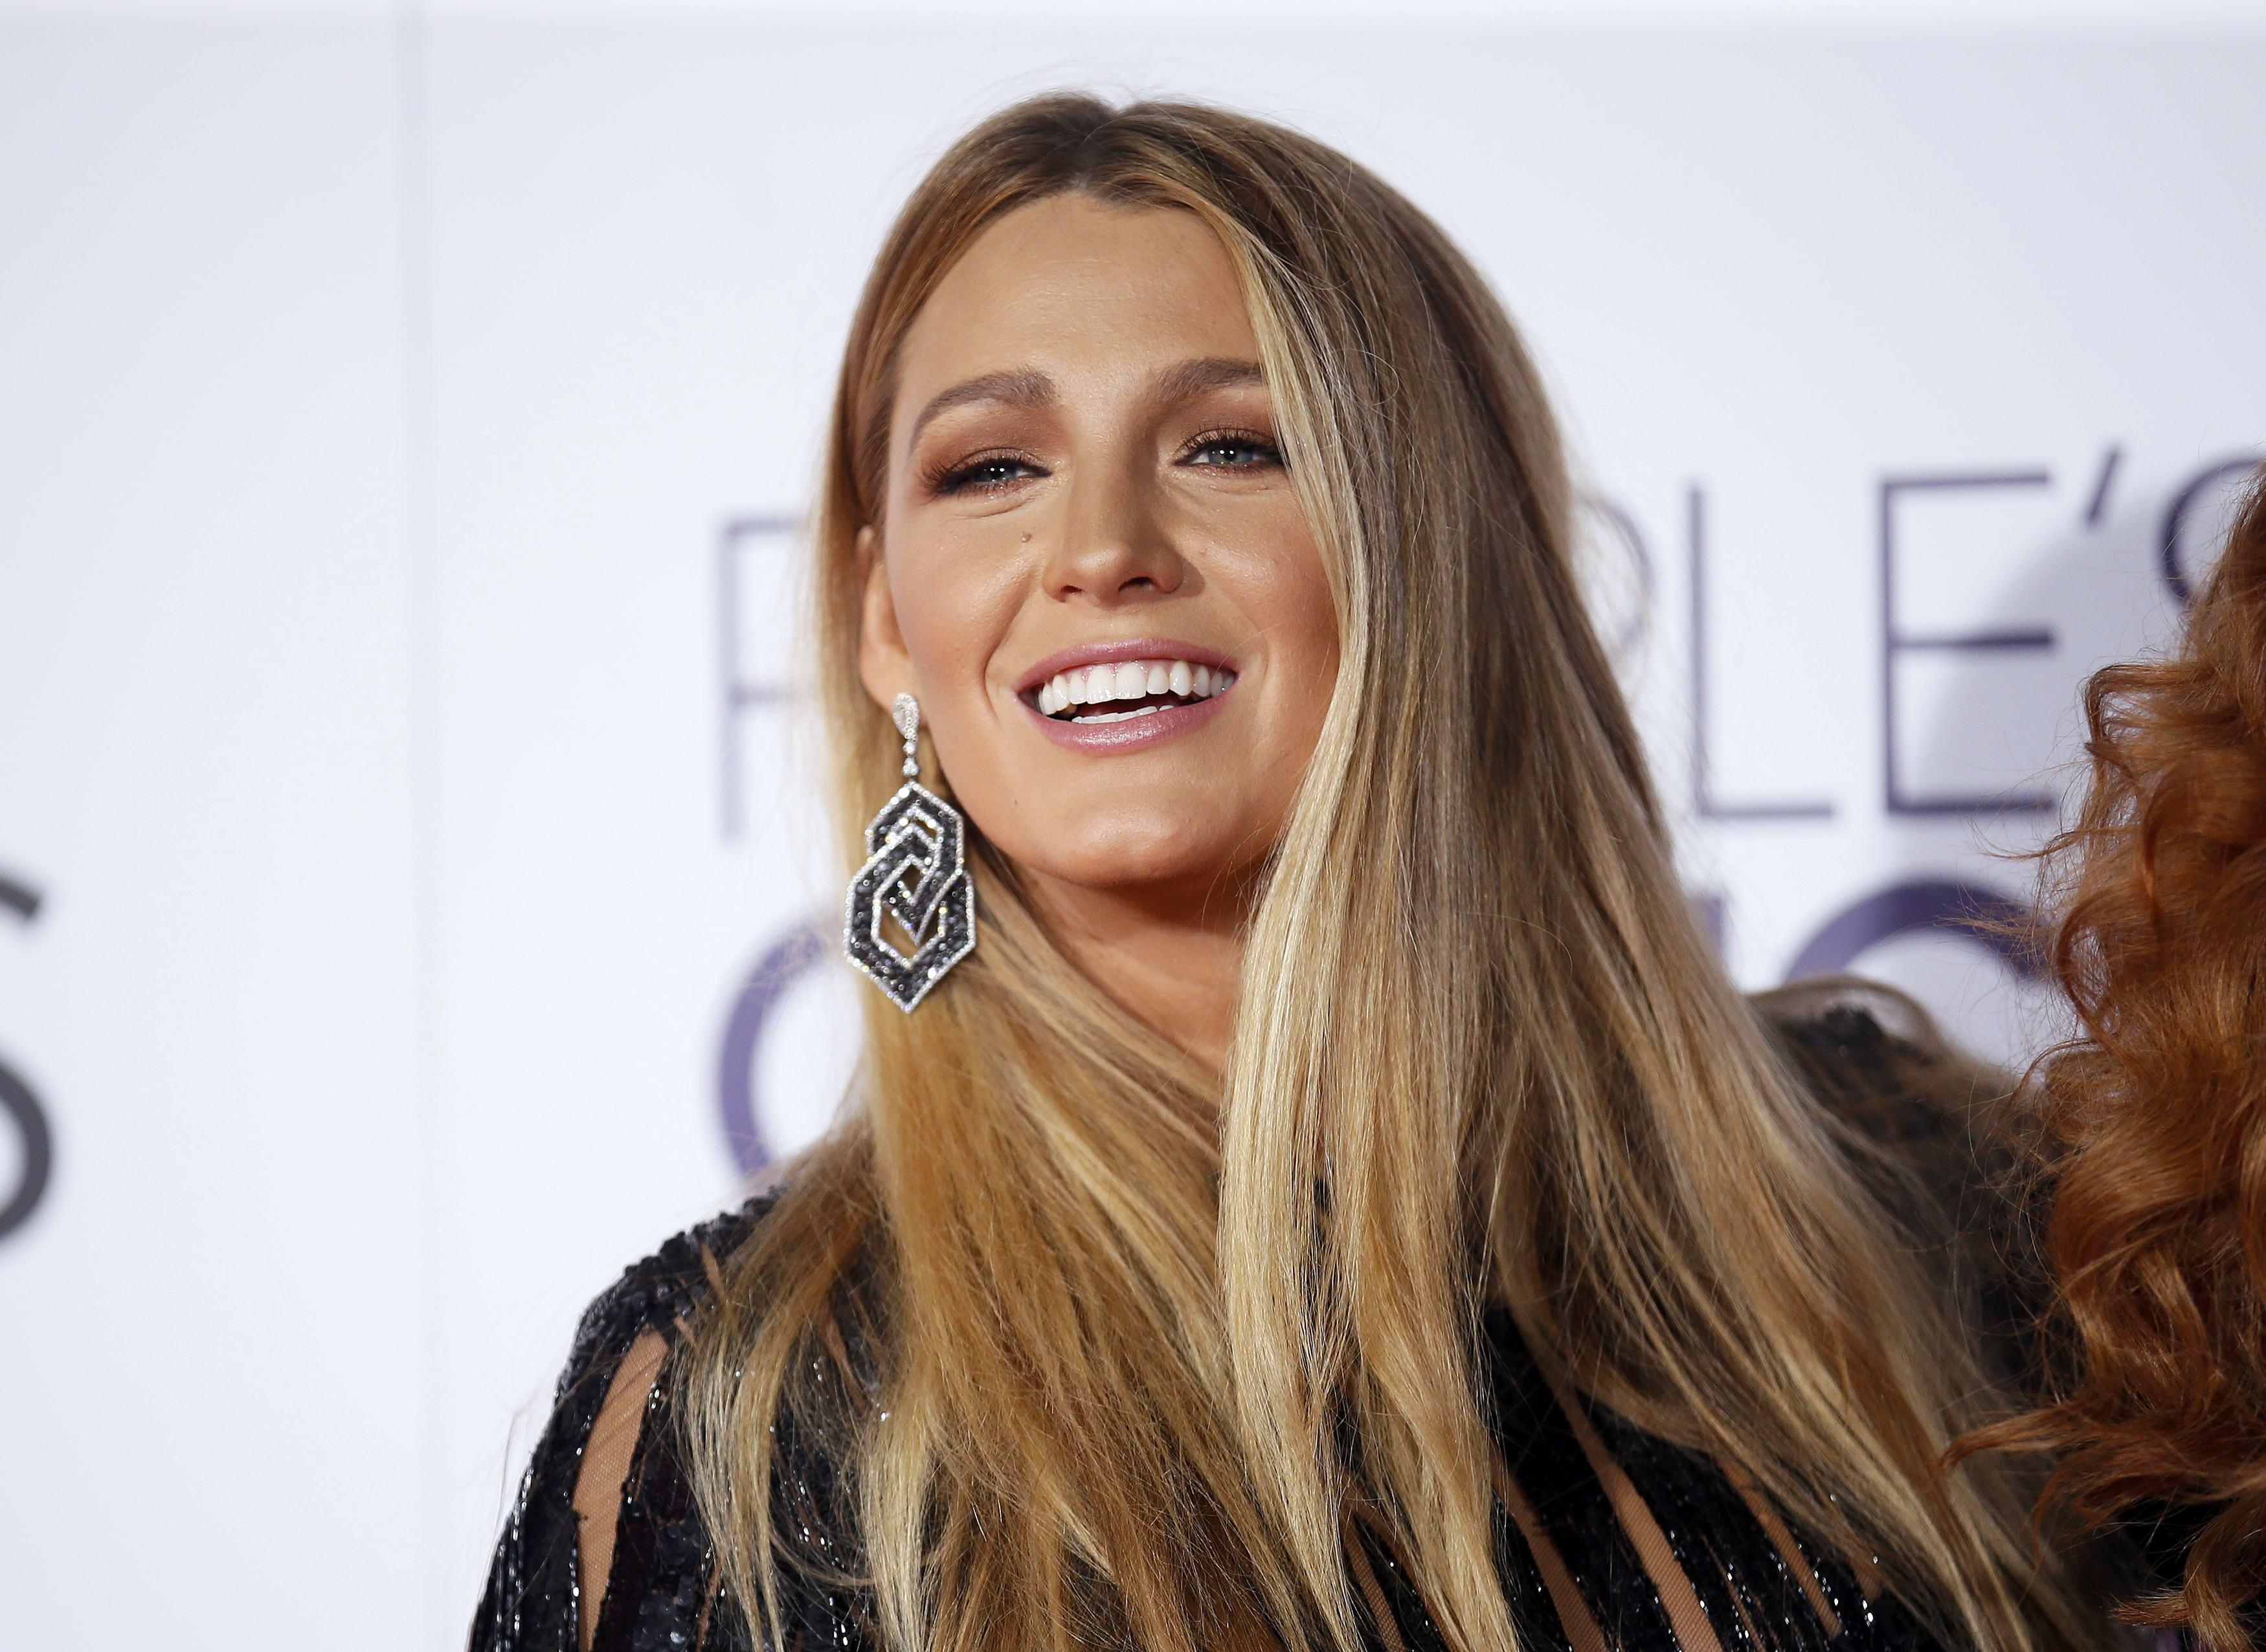 Blake Lively em prêmio em Los Angeles, nos Estados Unidos